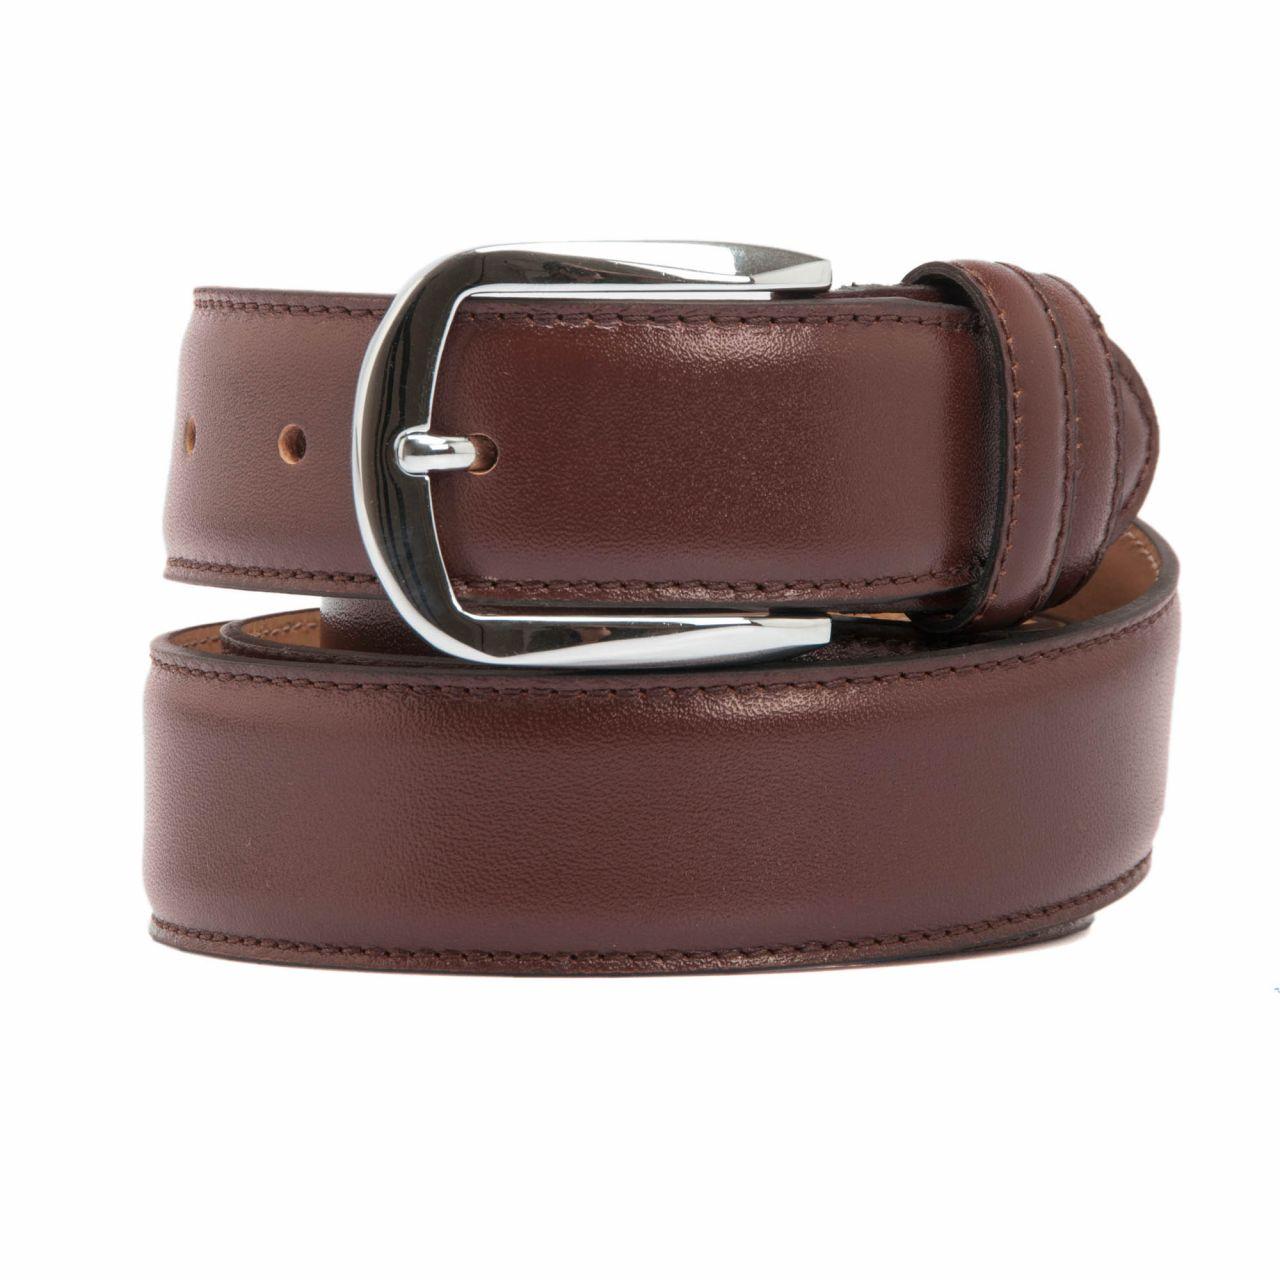 Men's belt in burgundy color